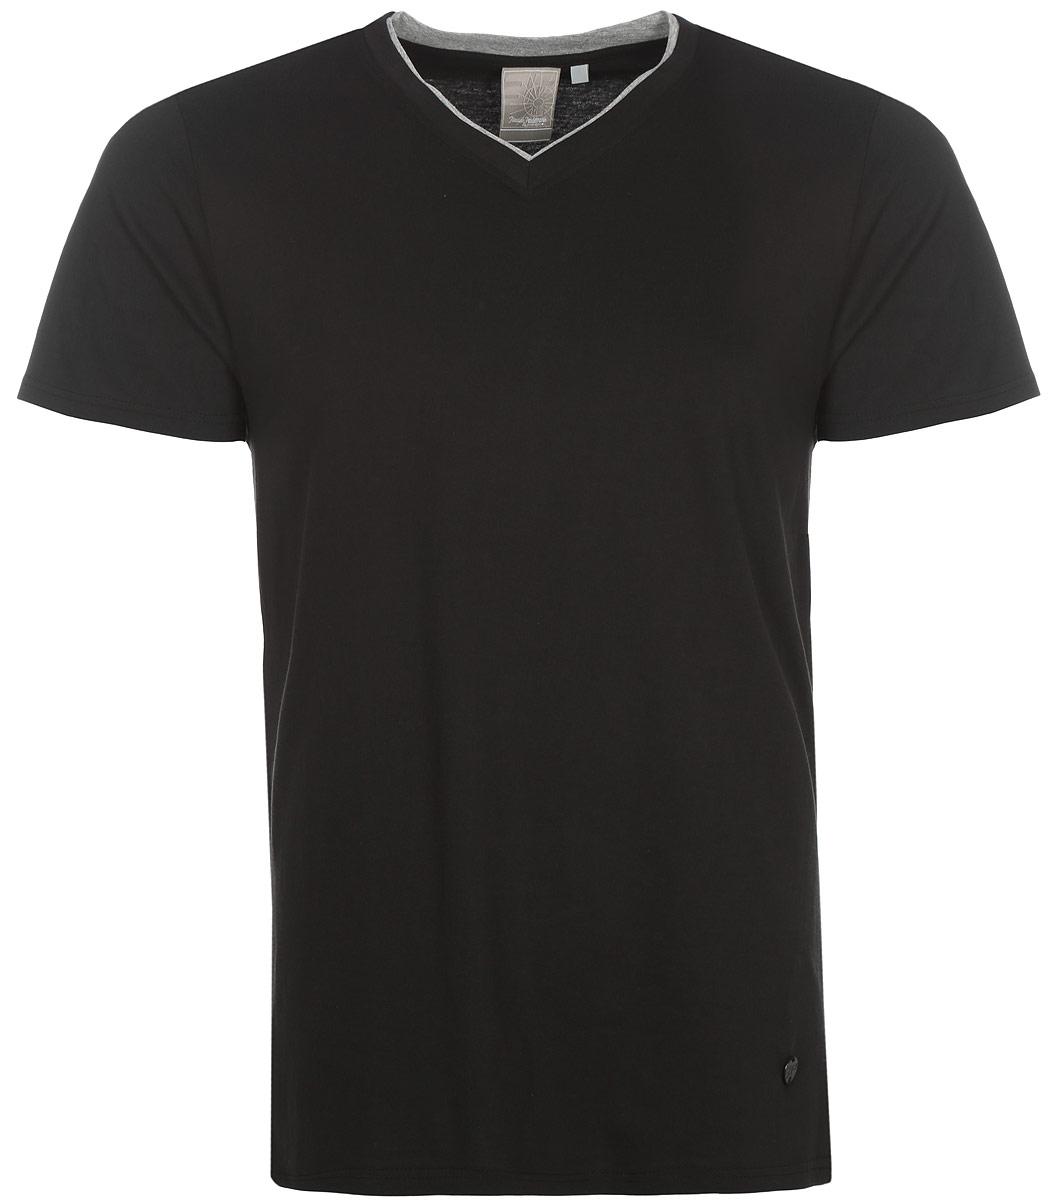 Футболка мужская Icepeak, цвет: черный. 757725514IVT_990. Размер S (48)757725514IVT_990Мужская футболка Icepeak изготовлена из натурального хлопка. Модель прямого кроя выполнена с V-образной горловиной и короткими рукавами.